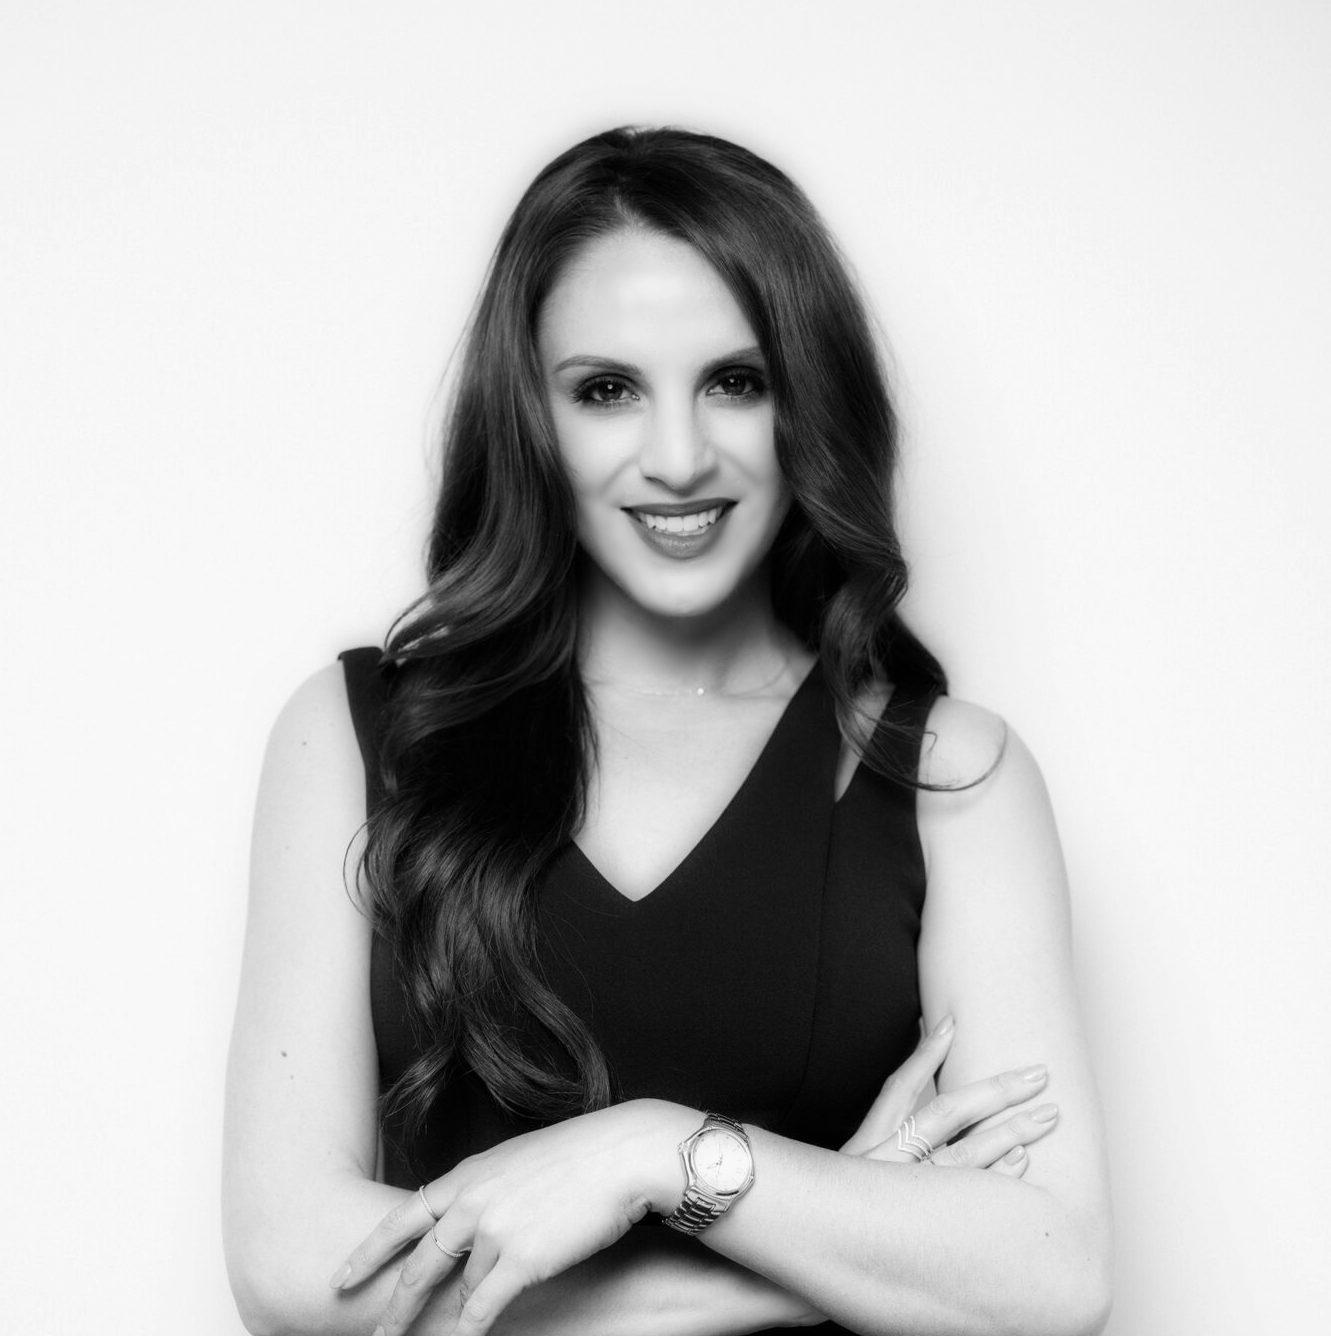 Erica Arrechea